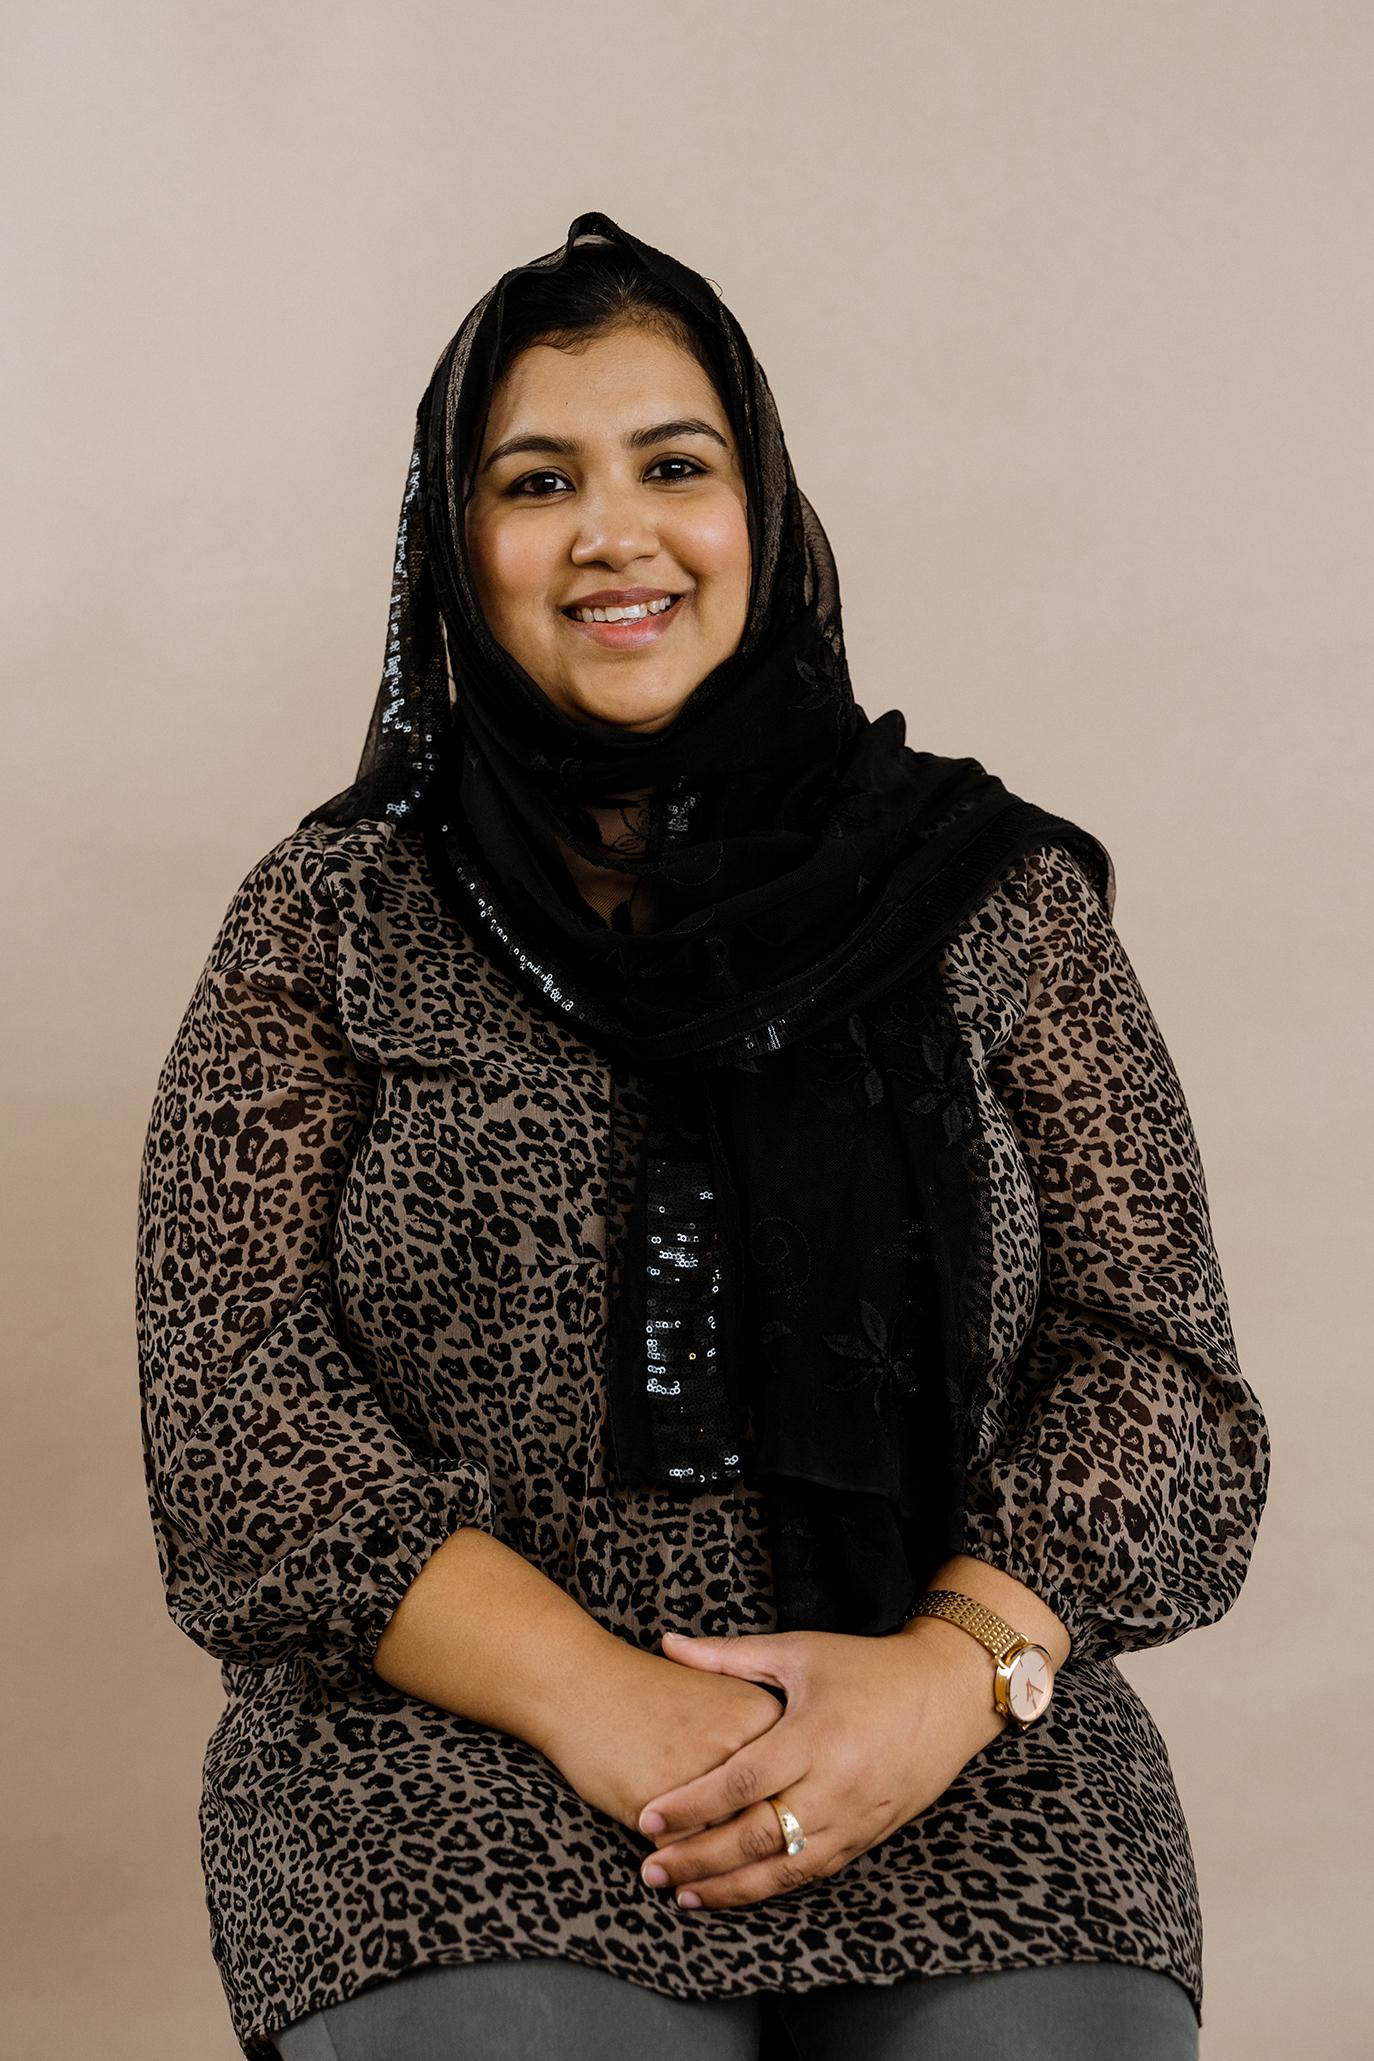 دیدمآ شوخ ںیم ڈنیلسپگ Hina Asif. Urdu/Pakistan.